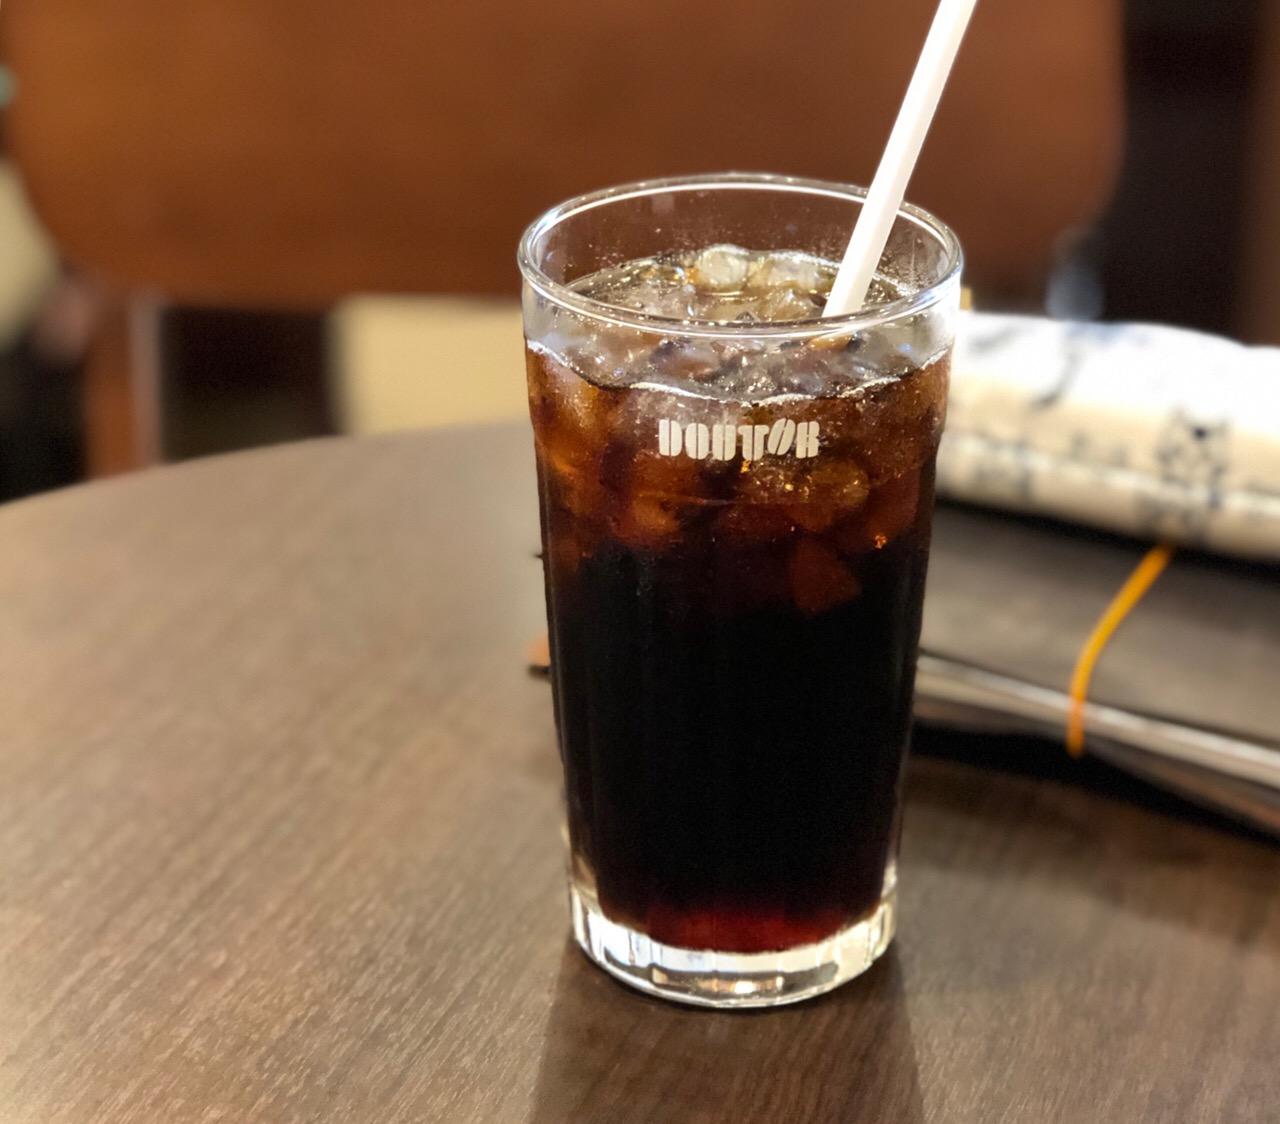 ドトールのカフェインレス「アイスコーヒー」を飲んでみた!